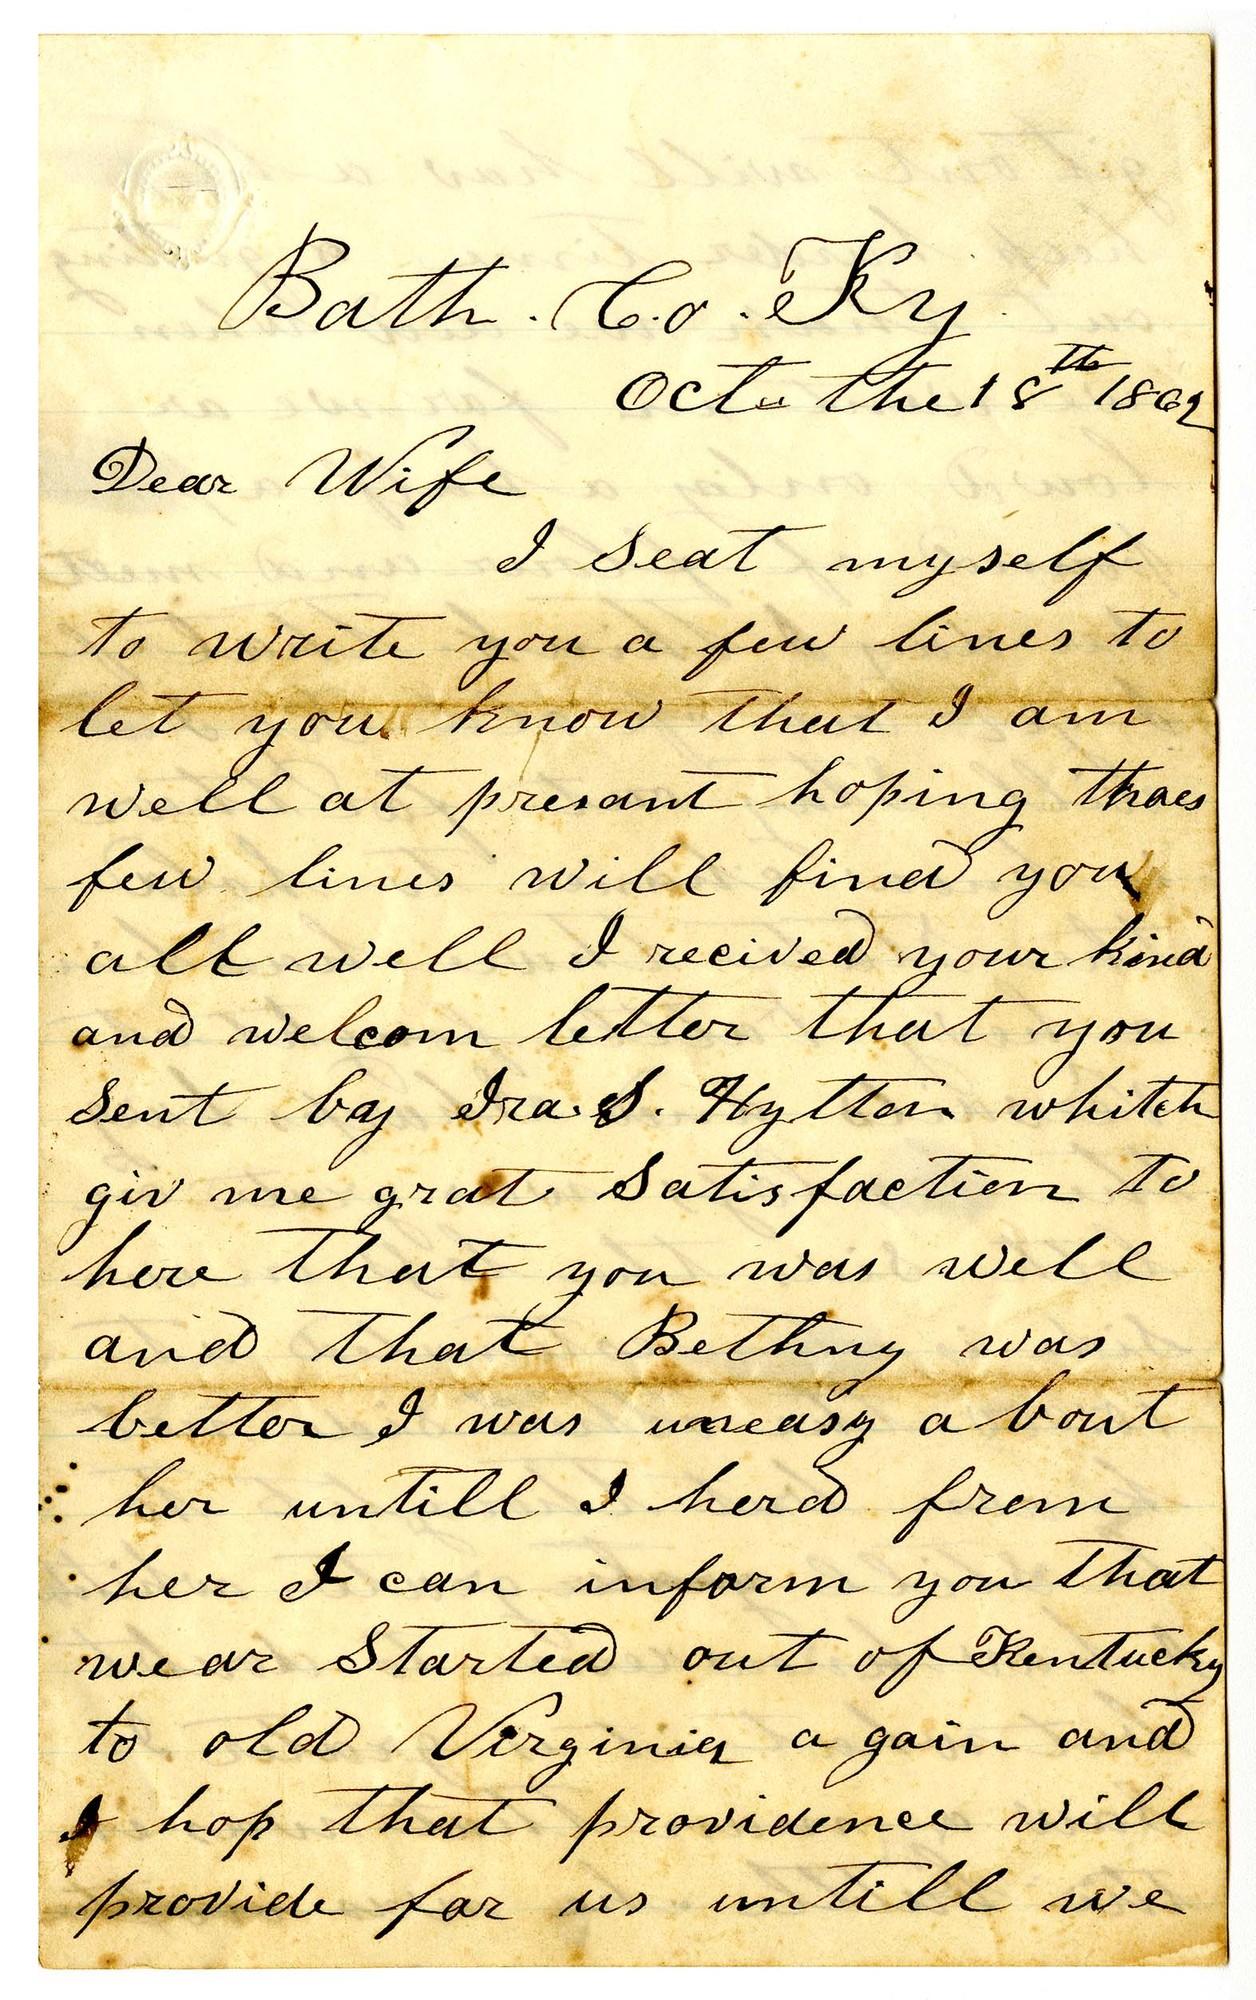 Ms1998_001_HuffHylton_Letter_1862_1018a.jpg